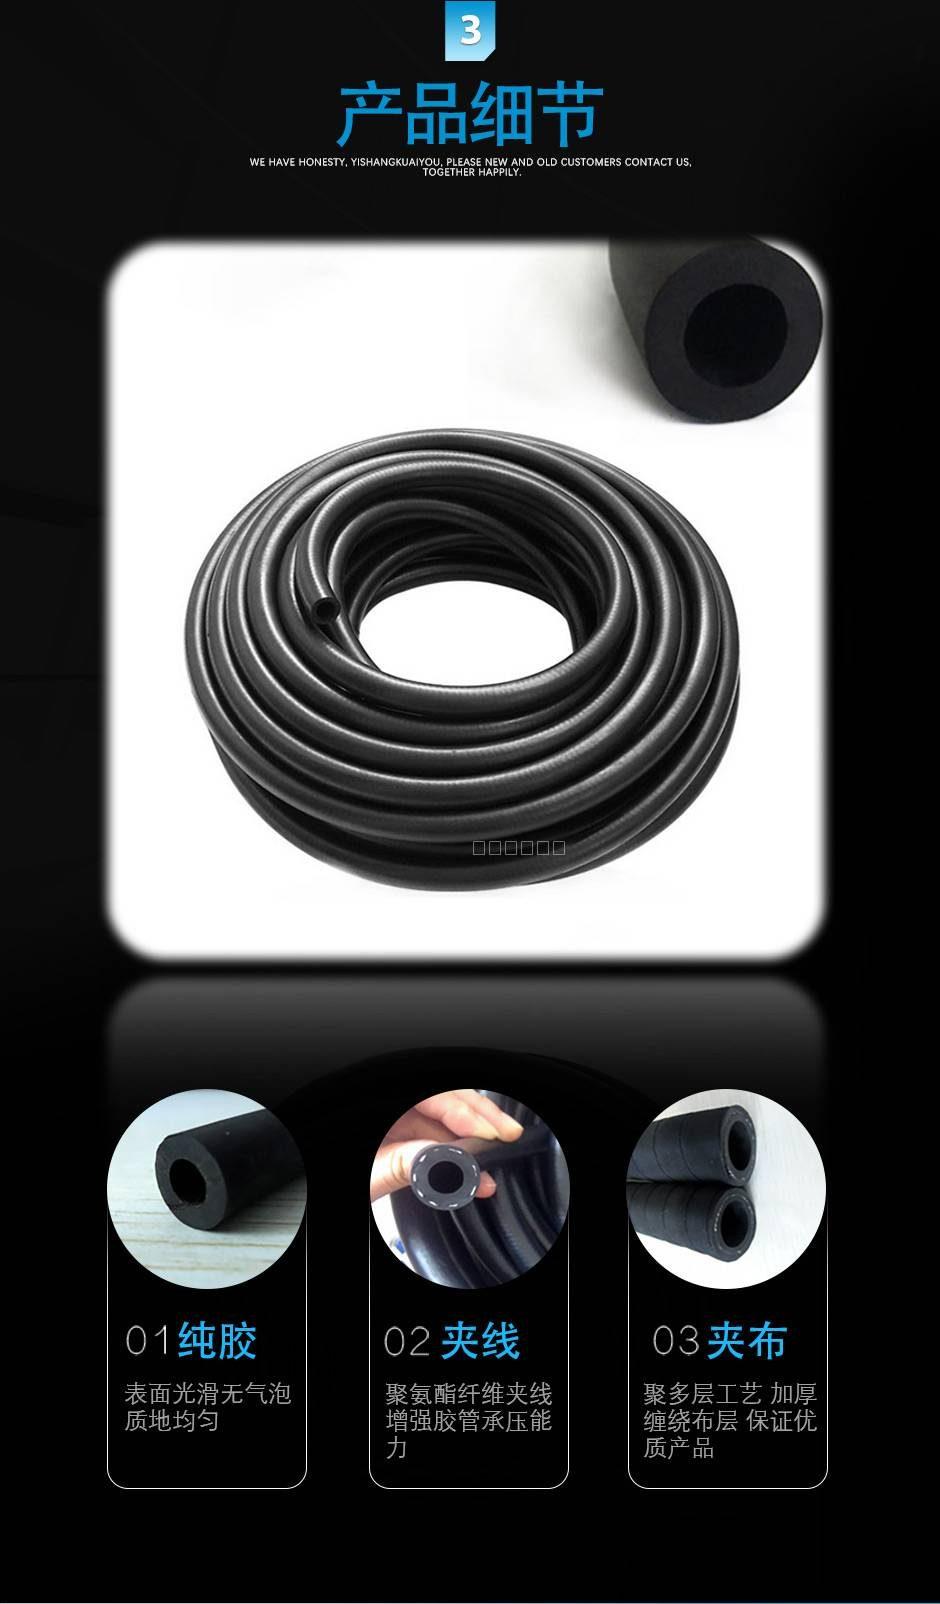 三元乙丙耐高温蒸汽胶管 5